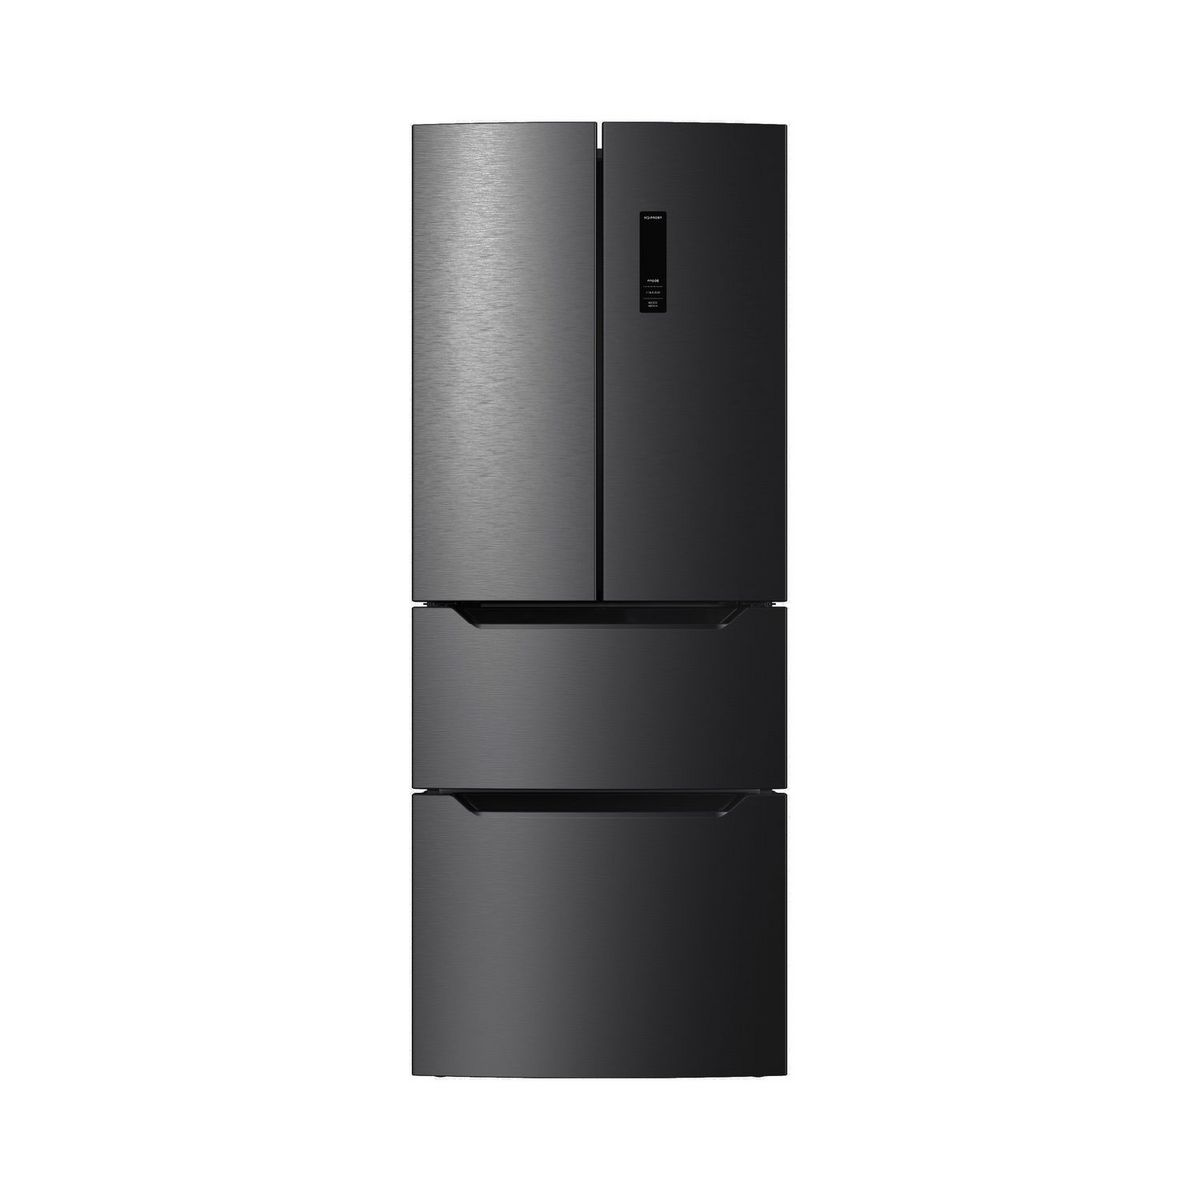 Réfrigérateur multi portes 155484, 275 L, Froid no Frost